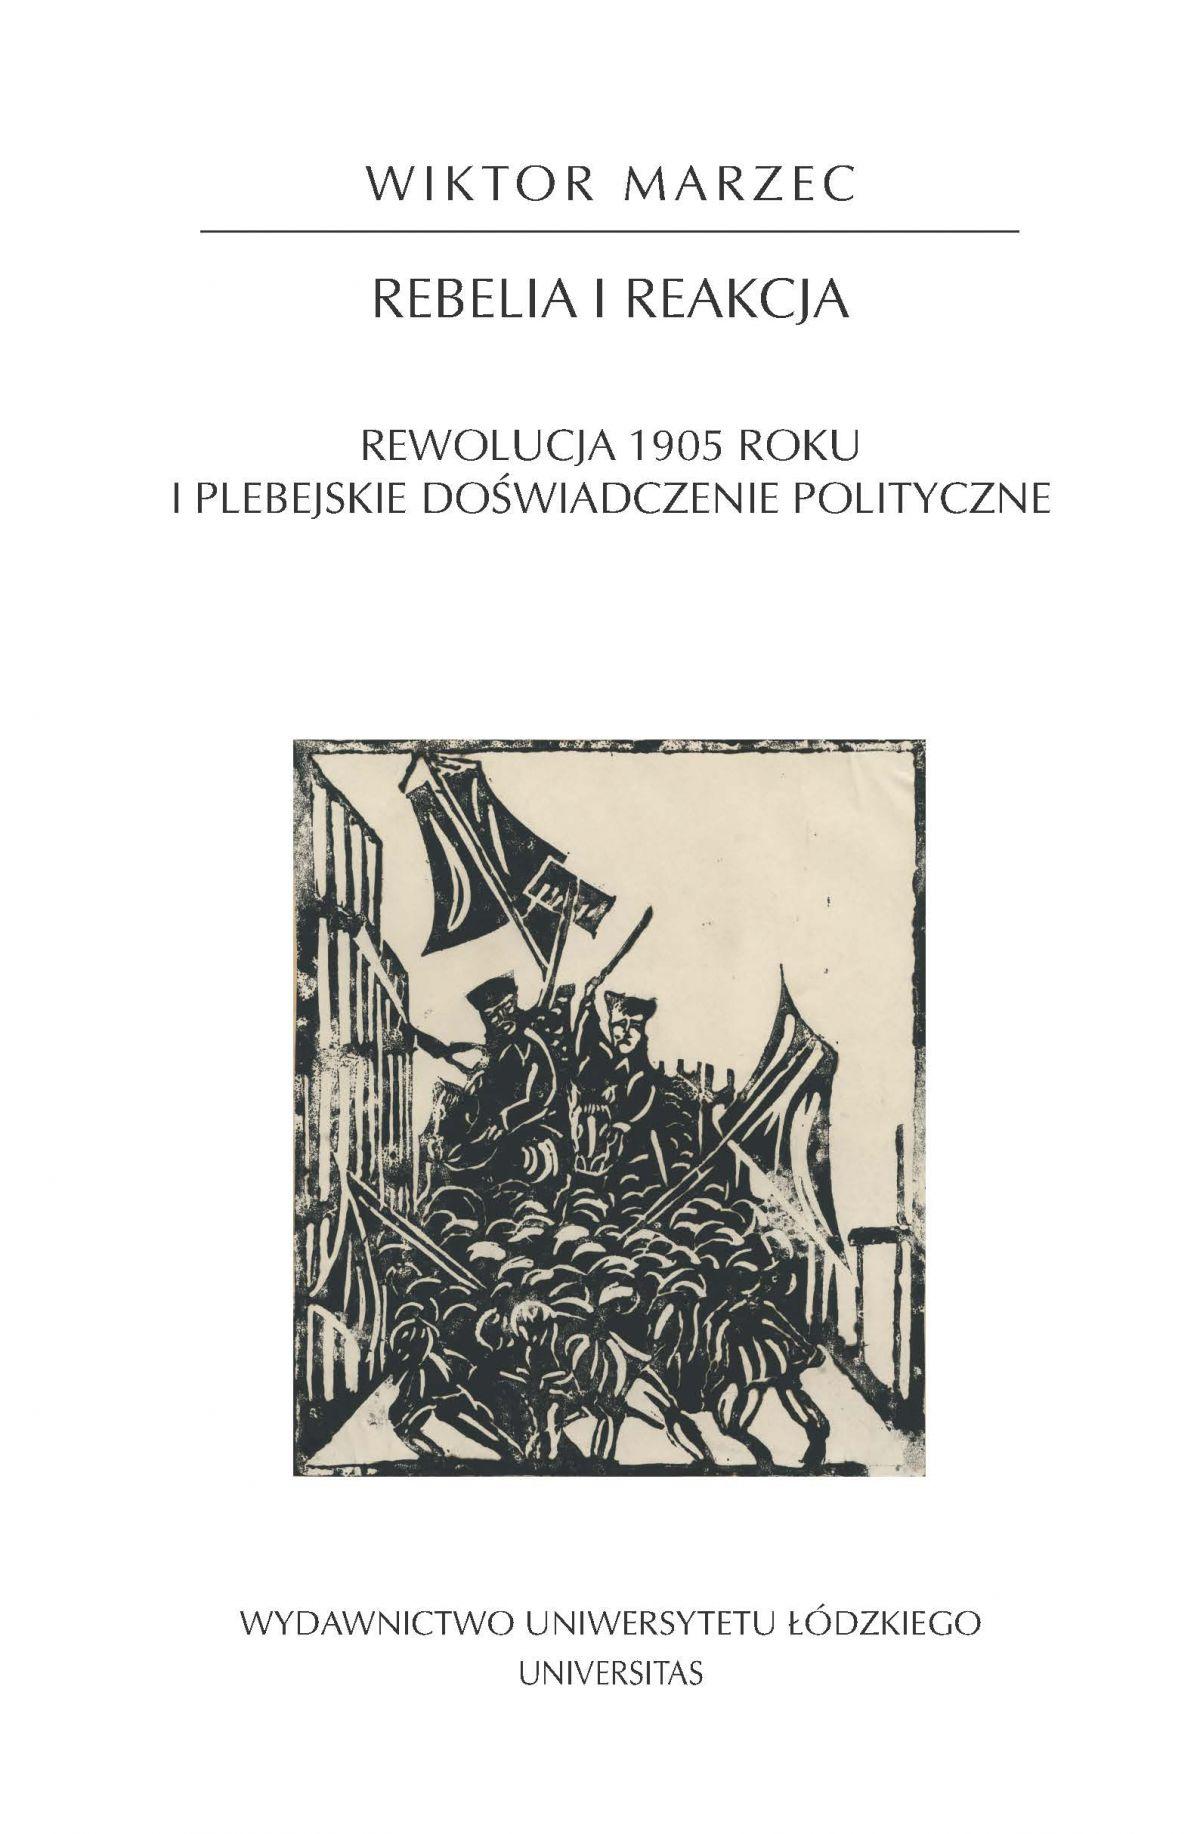 Rebelia i reakcja. Rewolucja 1905 roku i plebejskie doświadczenie polityczne - Ebook (Książka EPUB) do pobrania w formacie EPUB